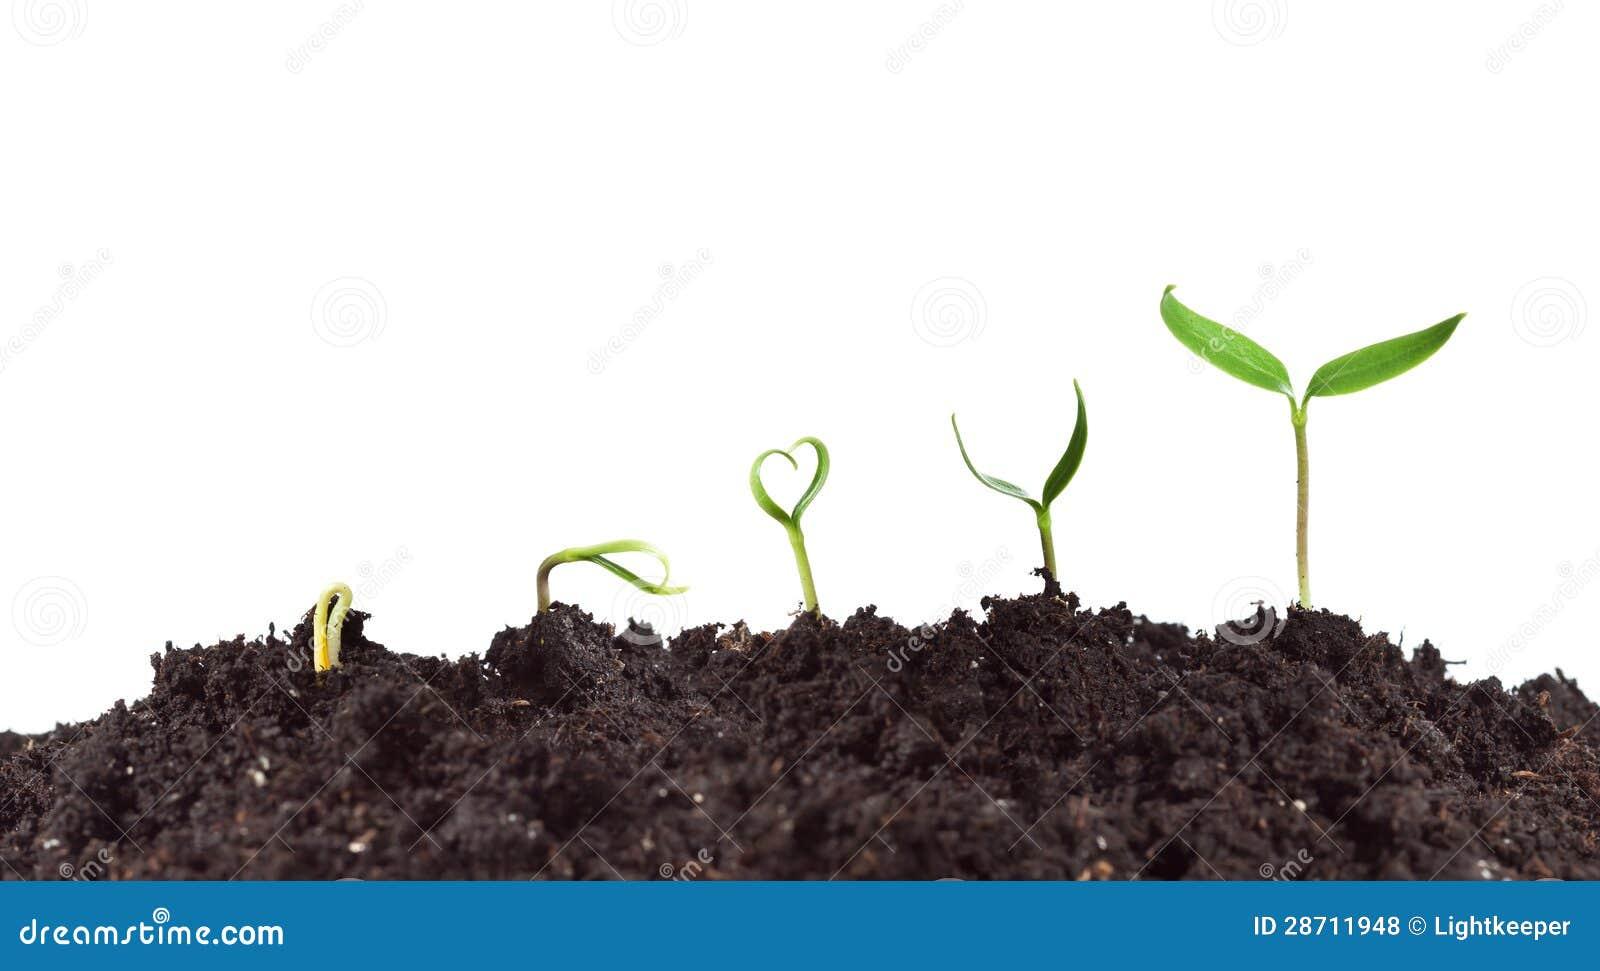 Germinazione e crescita della pianta